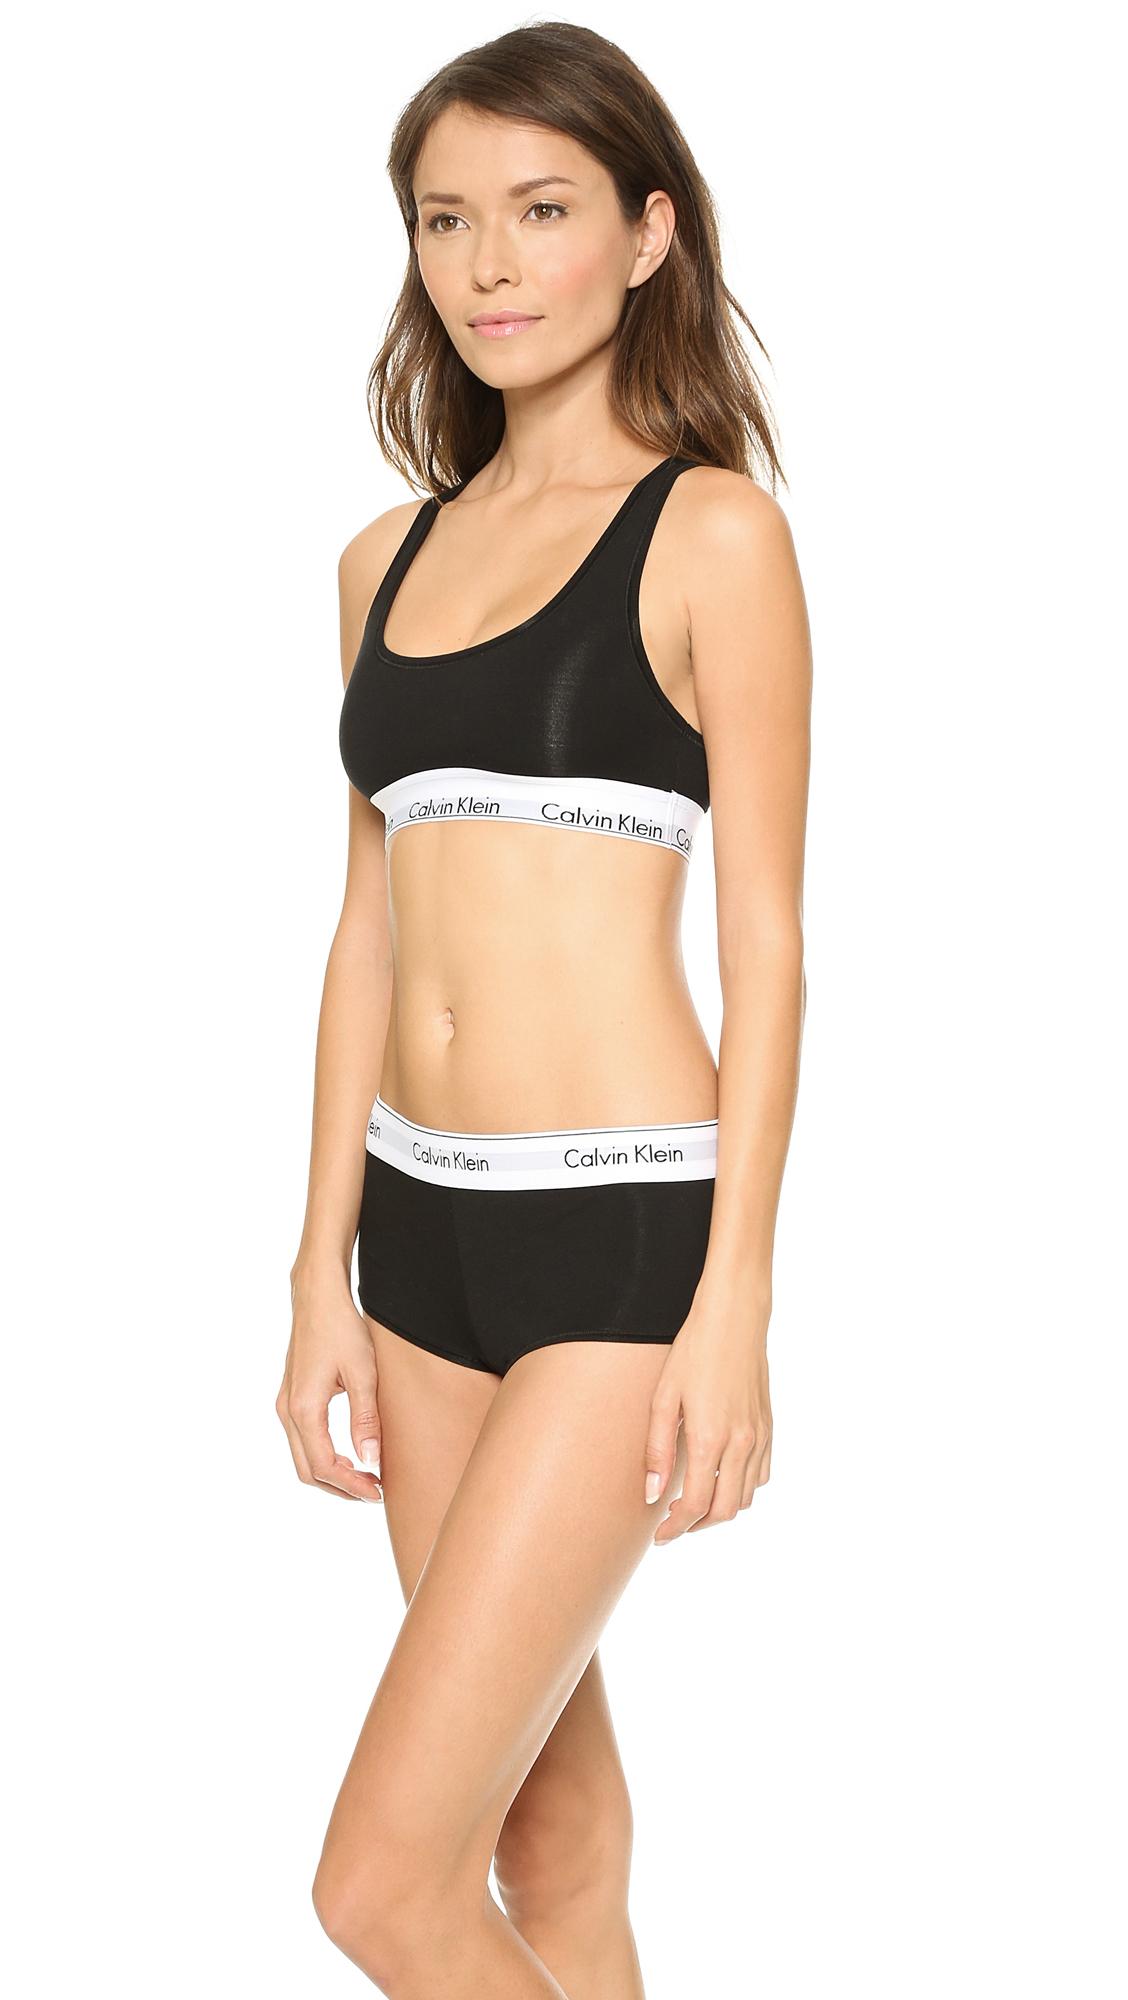 d7b617d568d3b Calvin Klein Underwear Modern Cotton Bralette